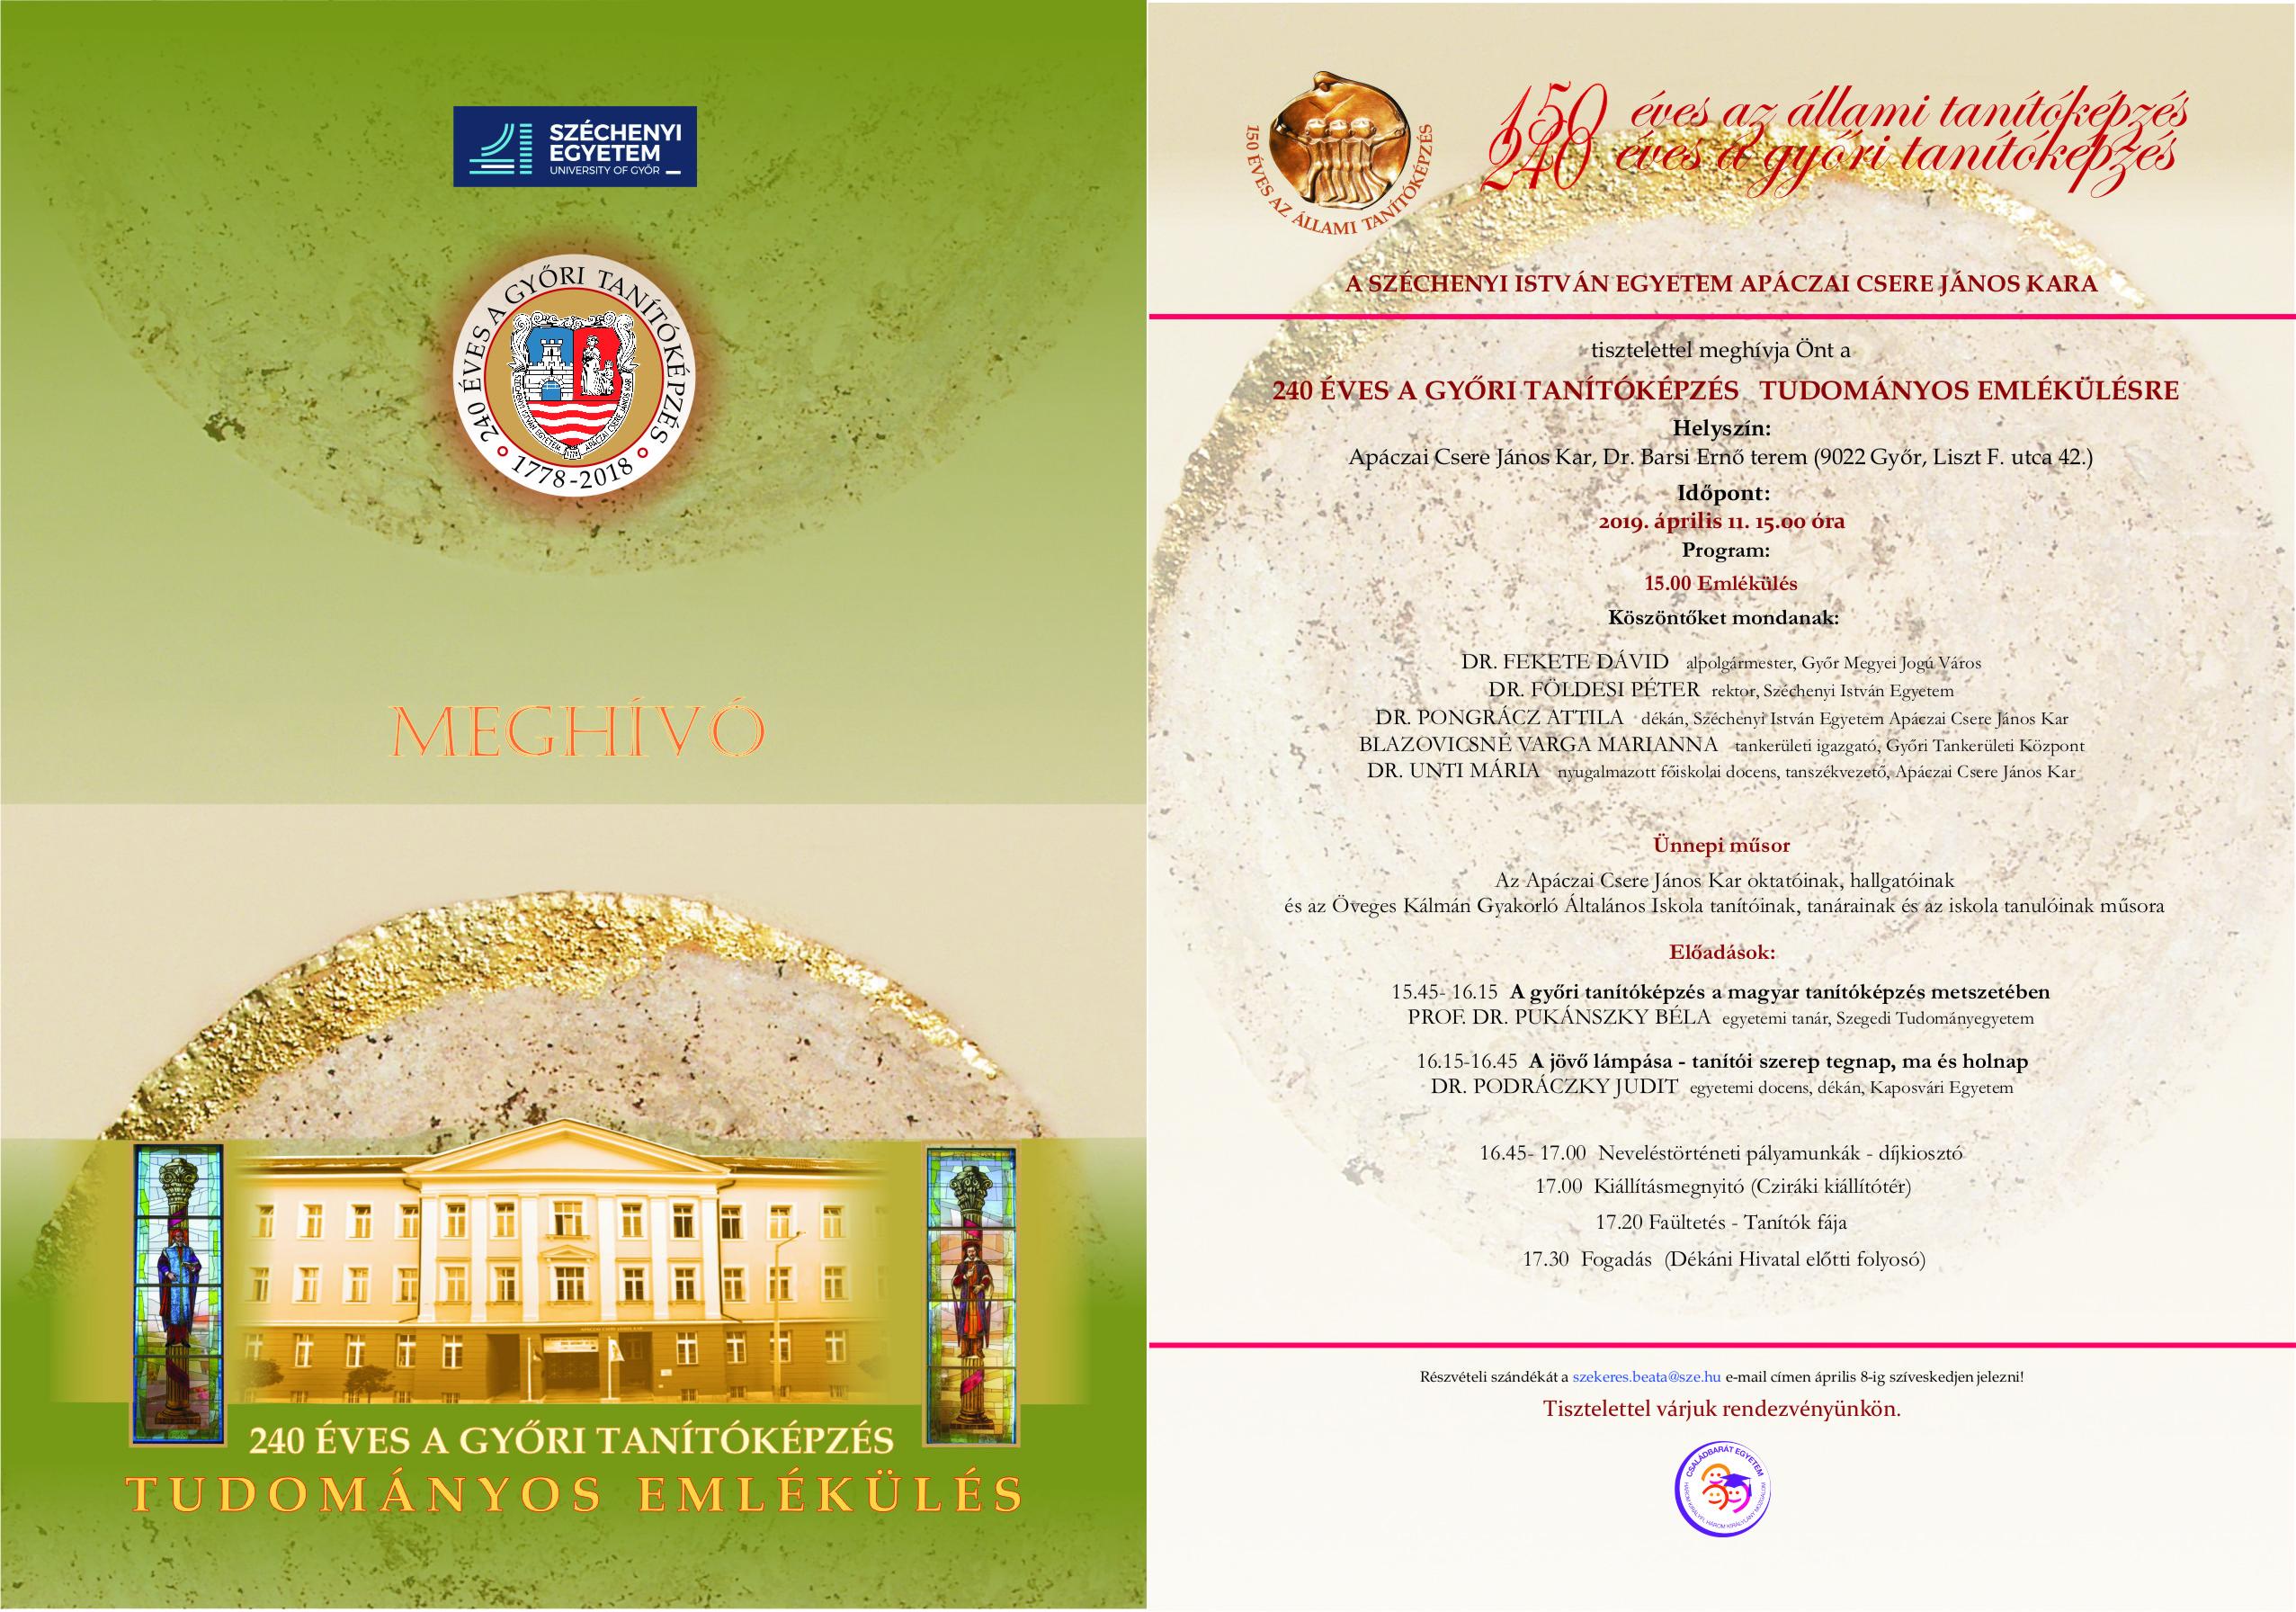 240 éves a győri tanítóképzés ünnepségsorozat Tudományos Emlékülés